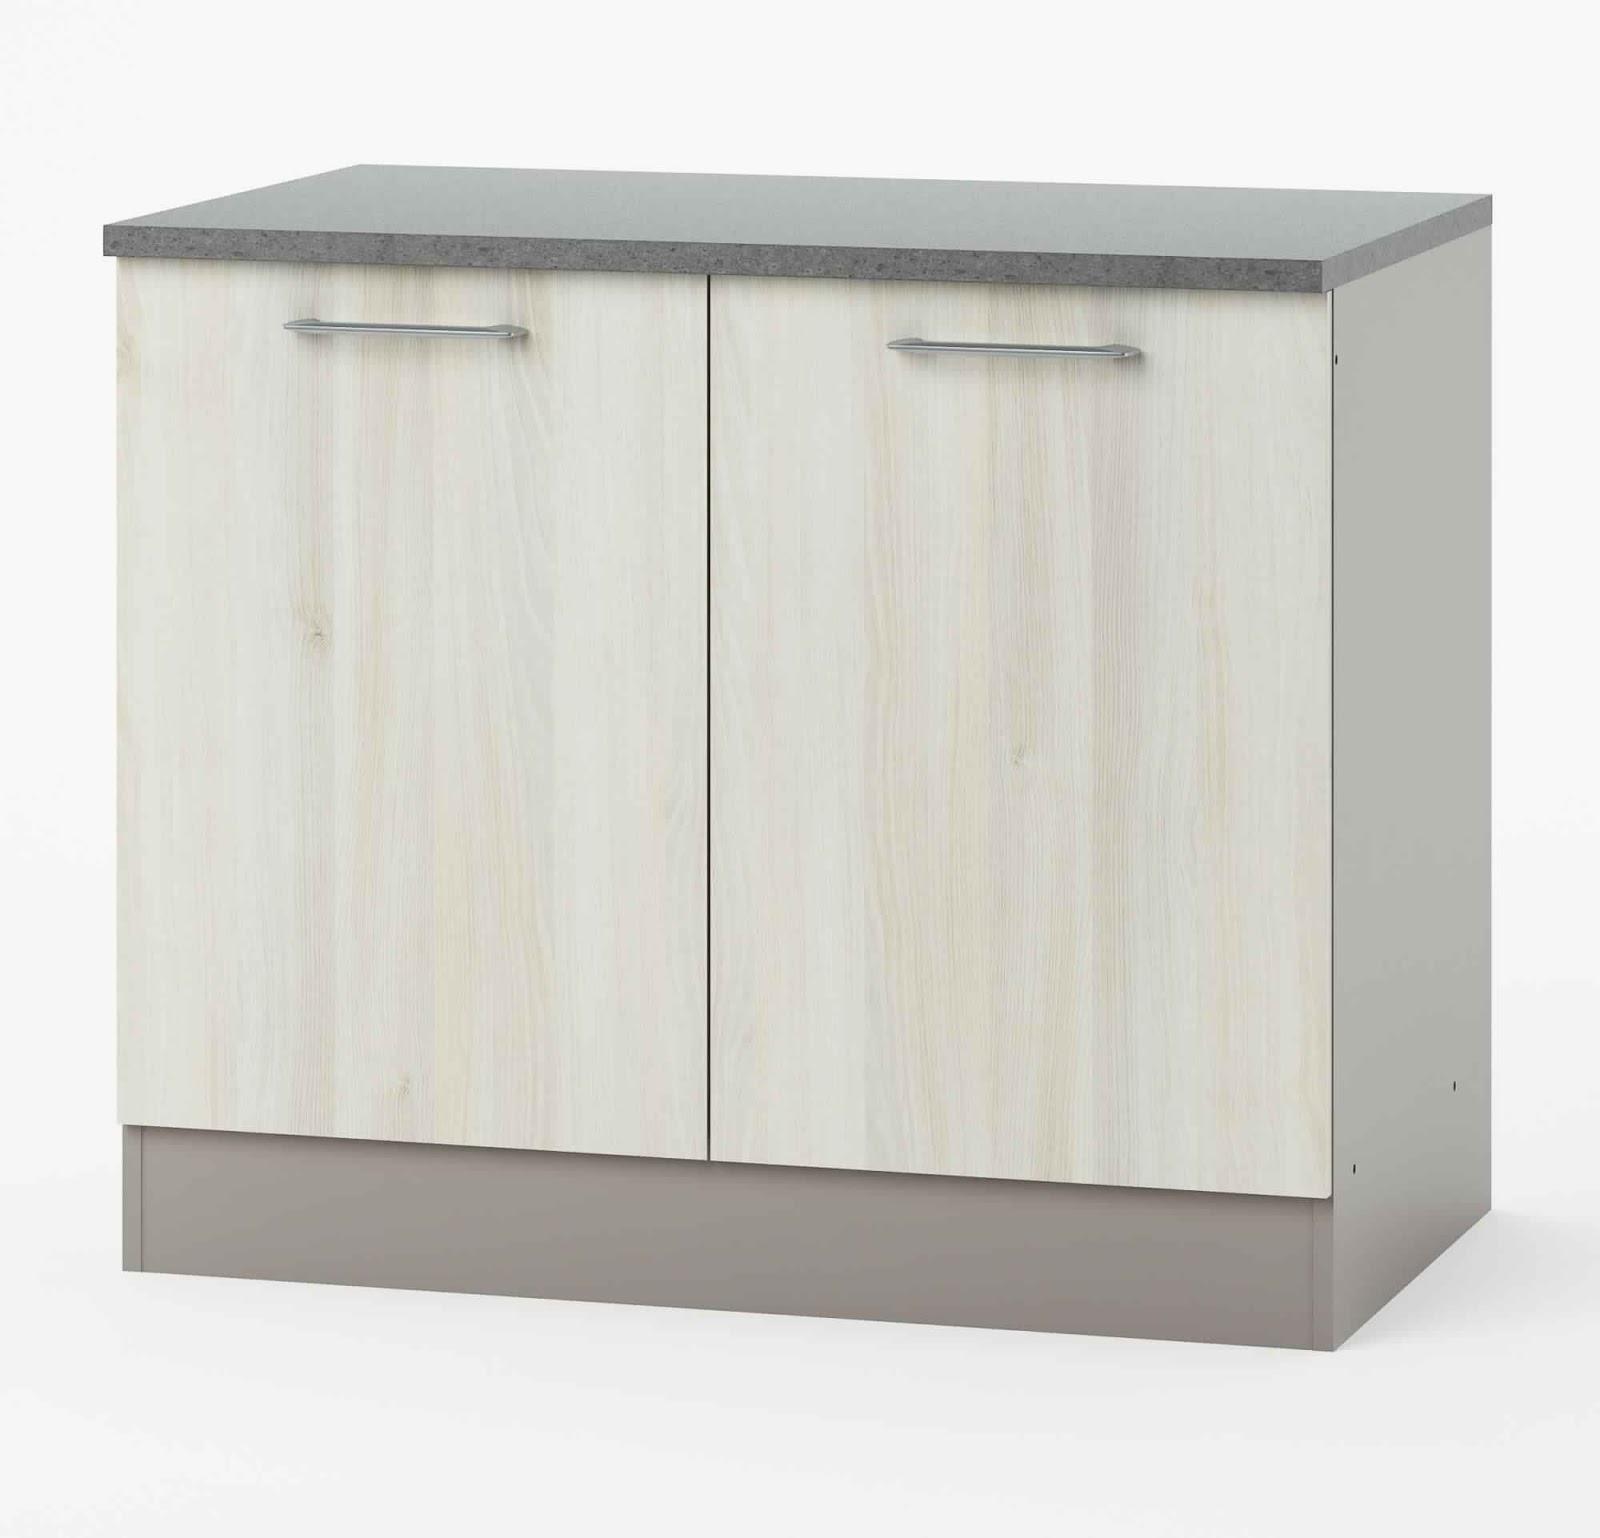 buffet bas de cuisine dcouvrez notre produit colonne vitre appartenant lambiance mindy le. Black Bedroom Furniture Sets. Home Design Ideas